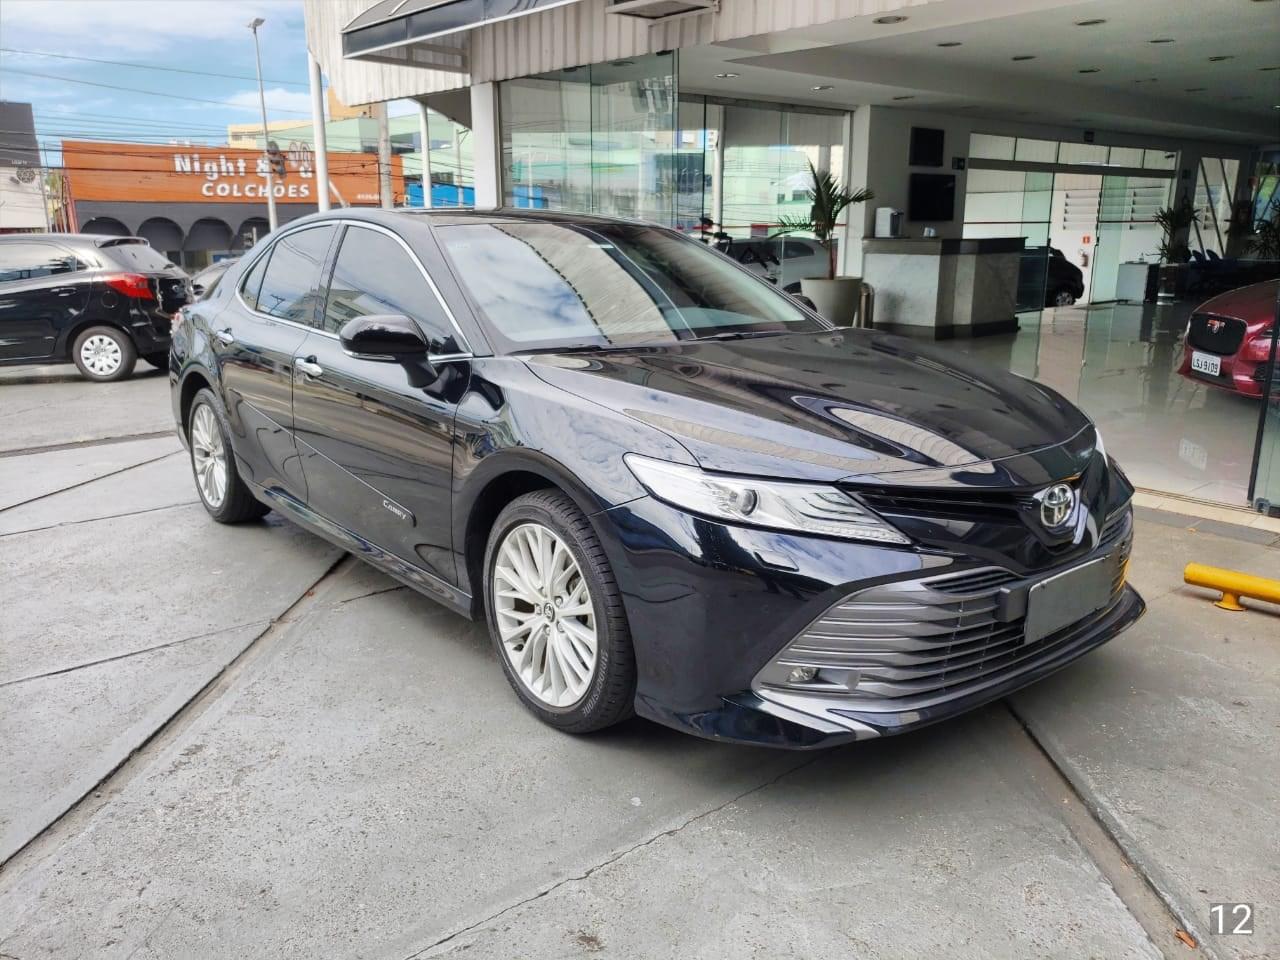 //www.autoline.com.br/carro/toyota/camry-35-v6-xle-24v-gasolina-4p-automatico/2019/sao-bernardo-do-campo-sp/13950941